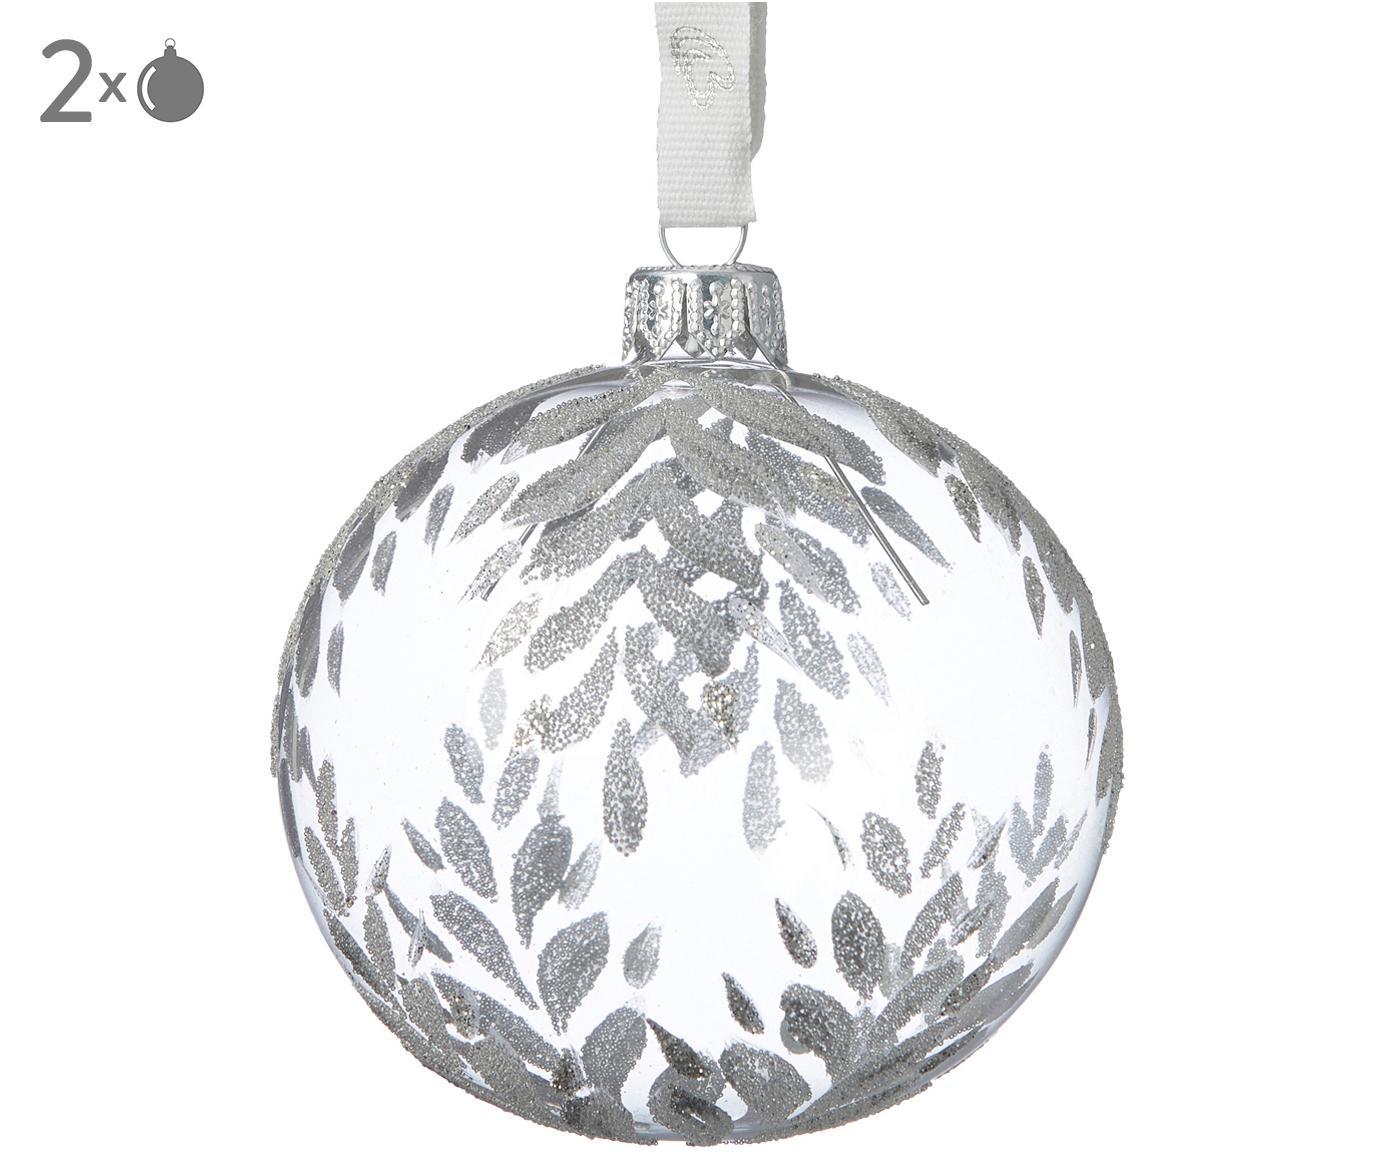 Kerstballen Cadelia, 2 stuks, Transparant, zilverkleurig, Ø 8 x H 8 cm